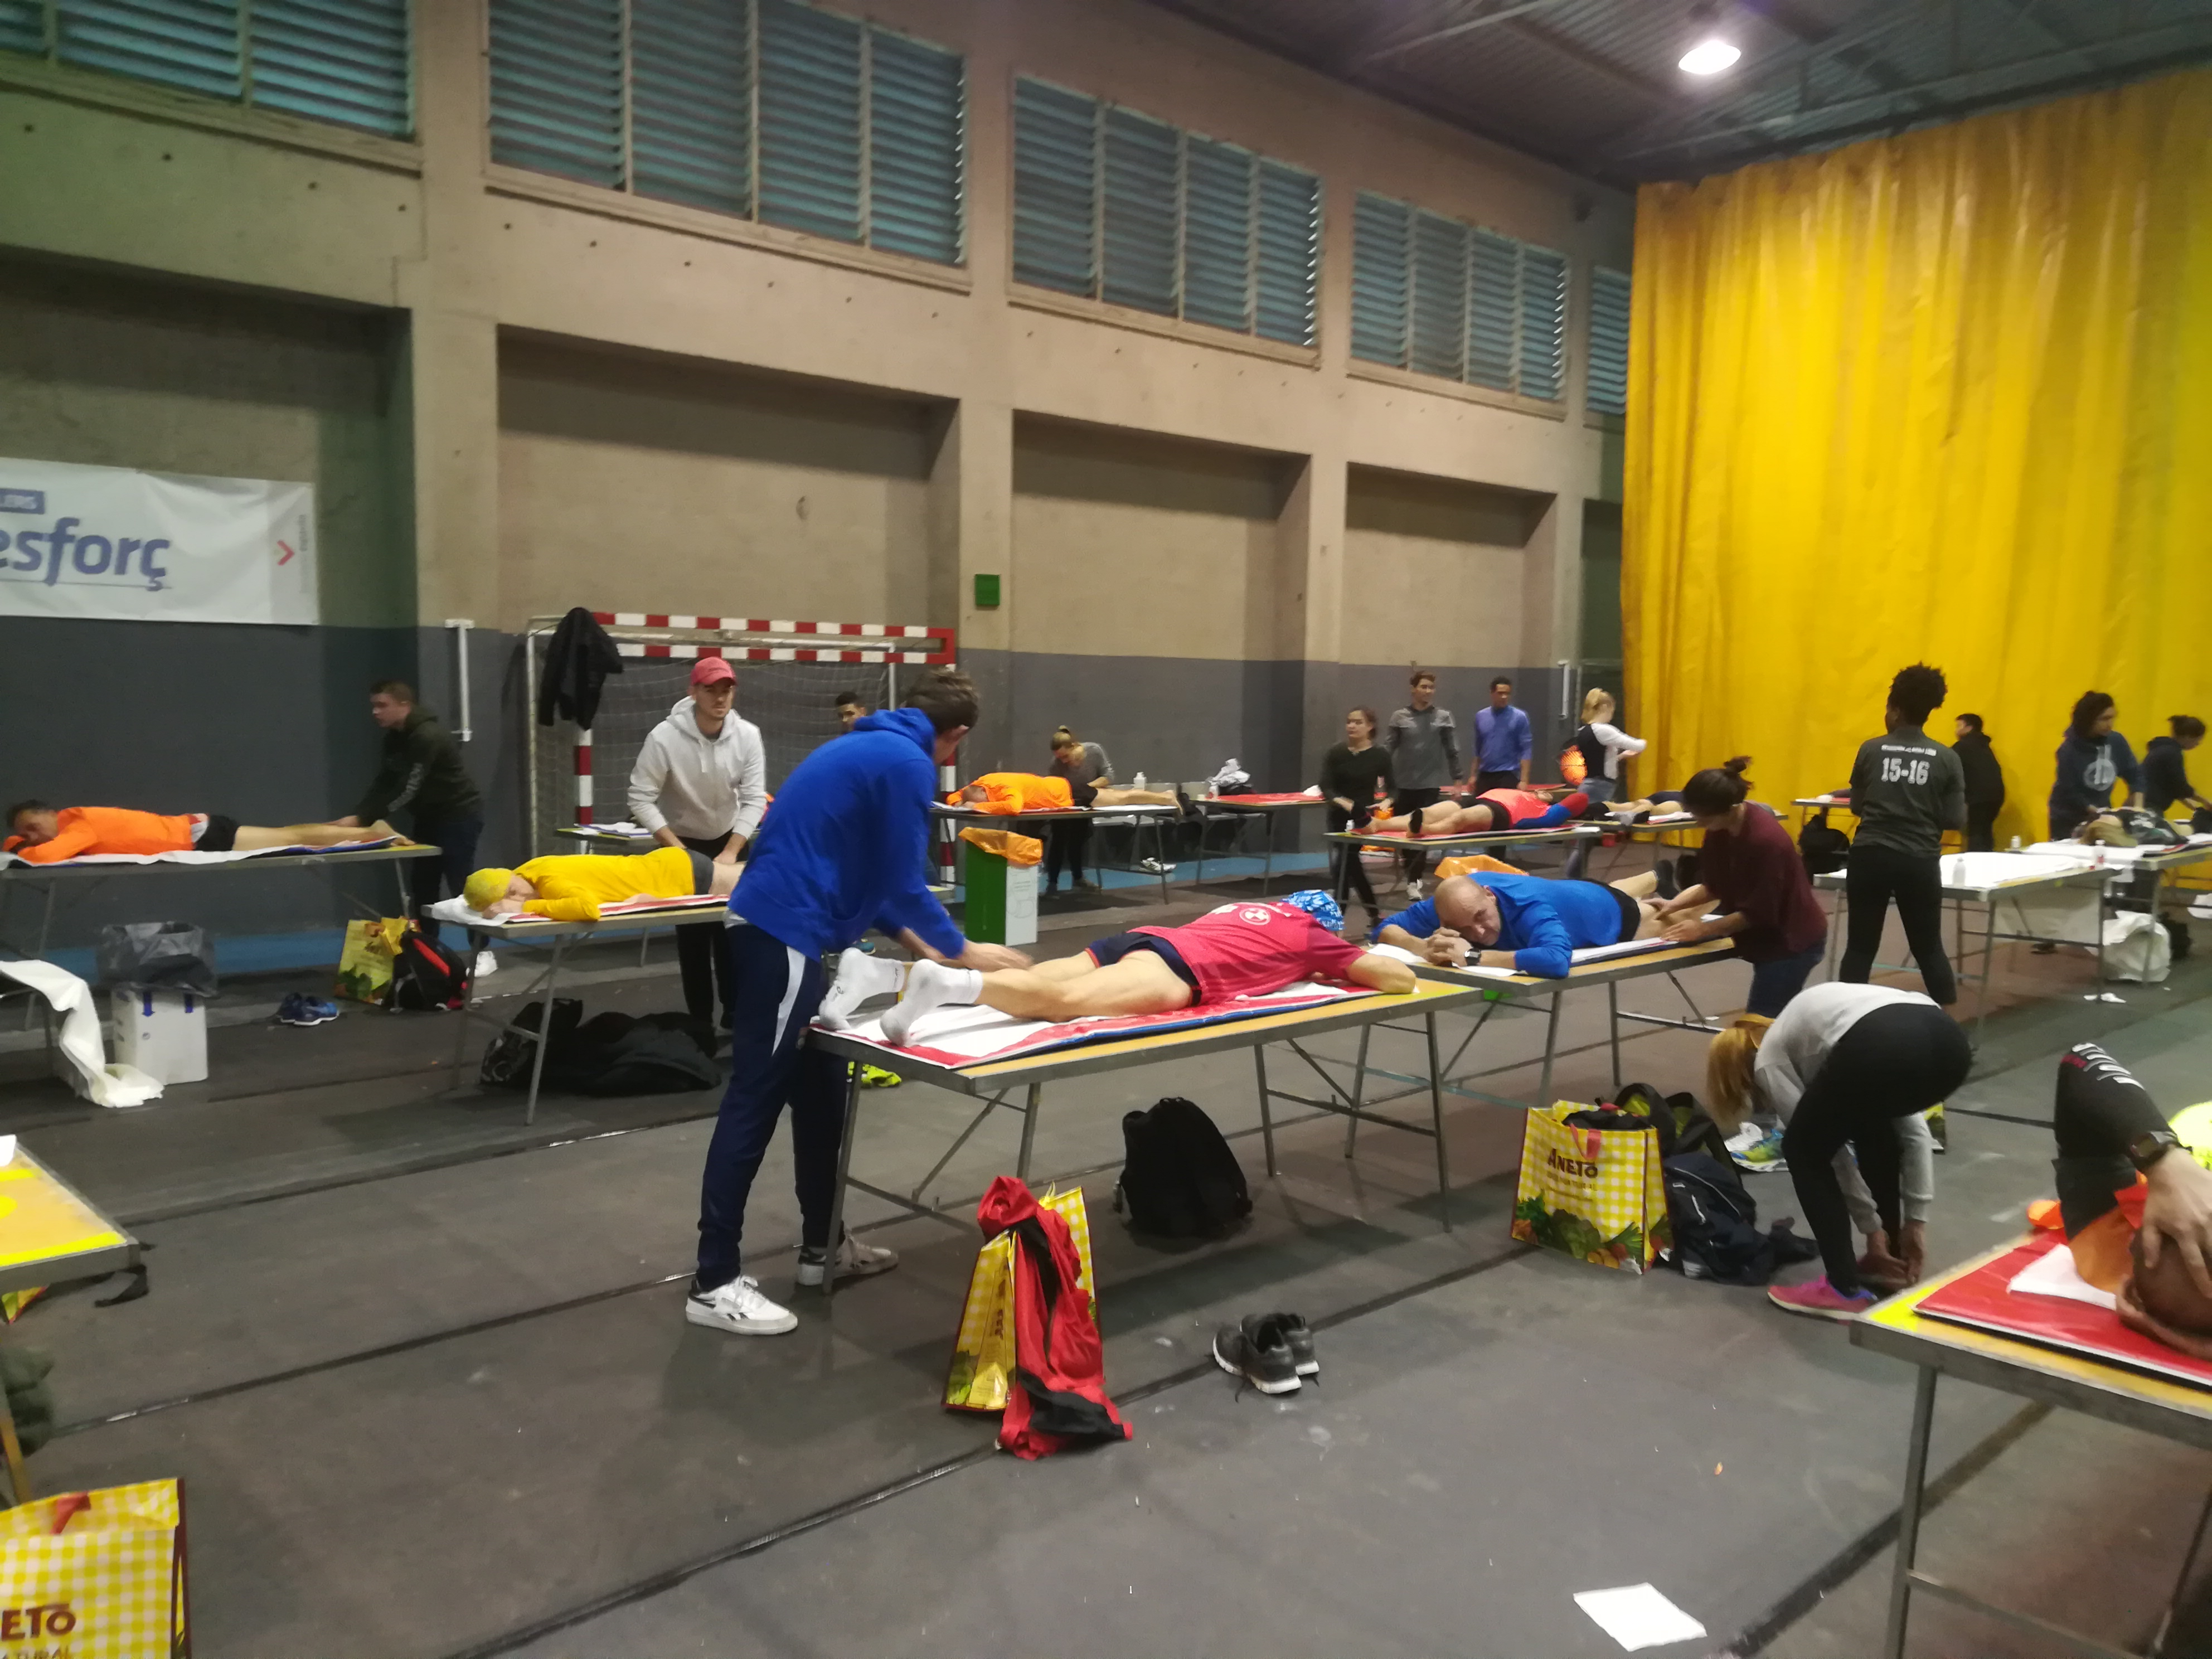 L'Escola Universitària de la Salut i l'Esport s'aboca en una nova edició de la mitja marató de Granollers